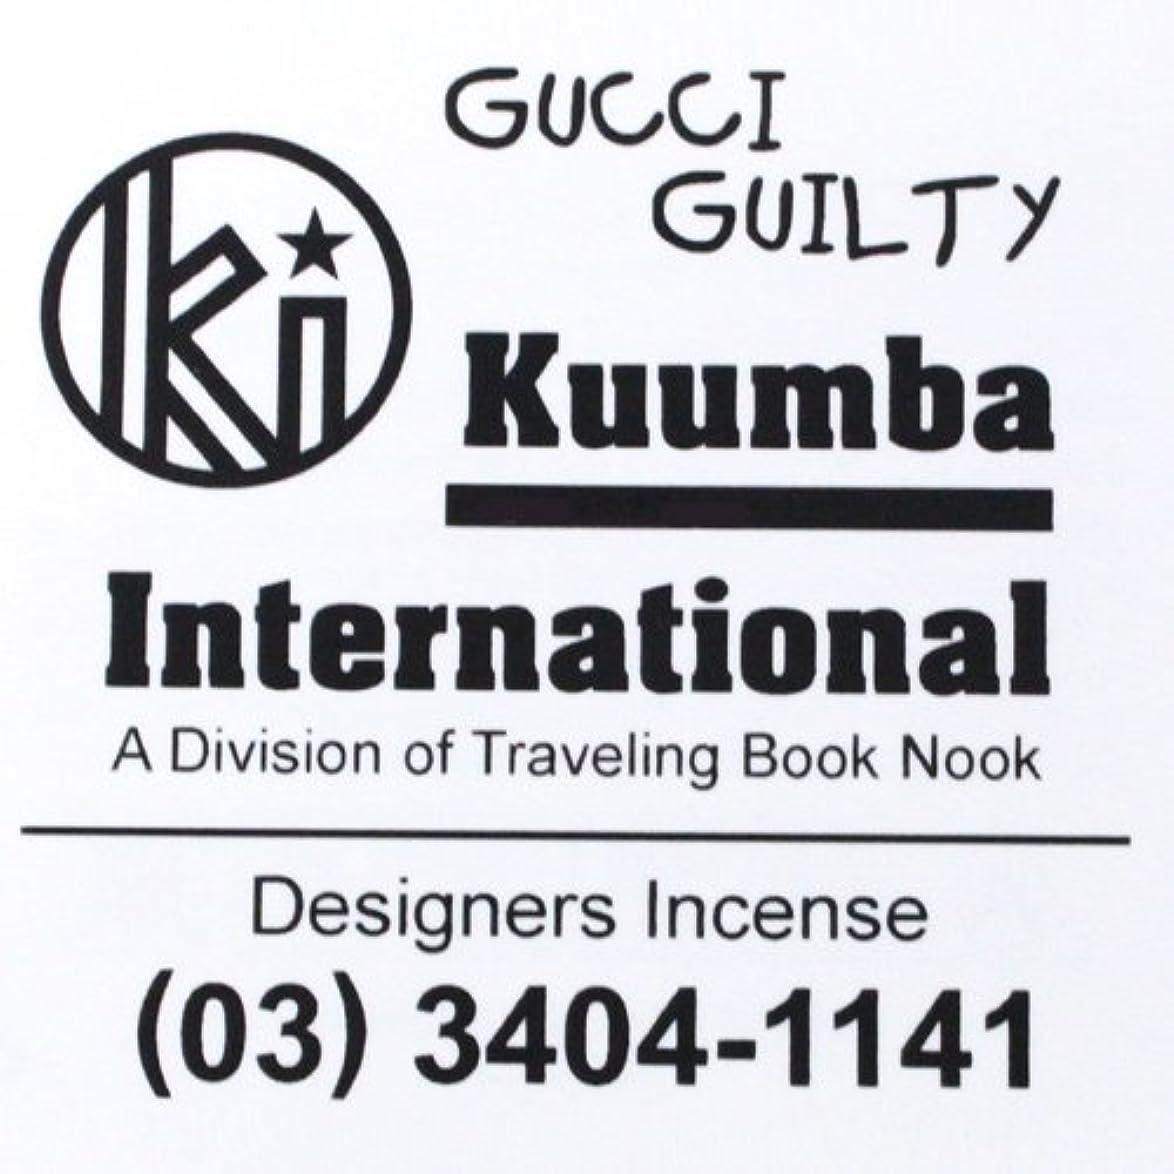 アナニバーについて飲食店KUUMBA (クンバ)『incense』(GUCCI GUILTY) (Regular size)